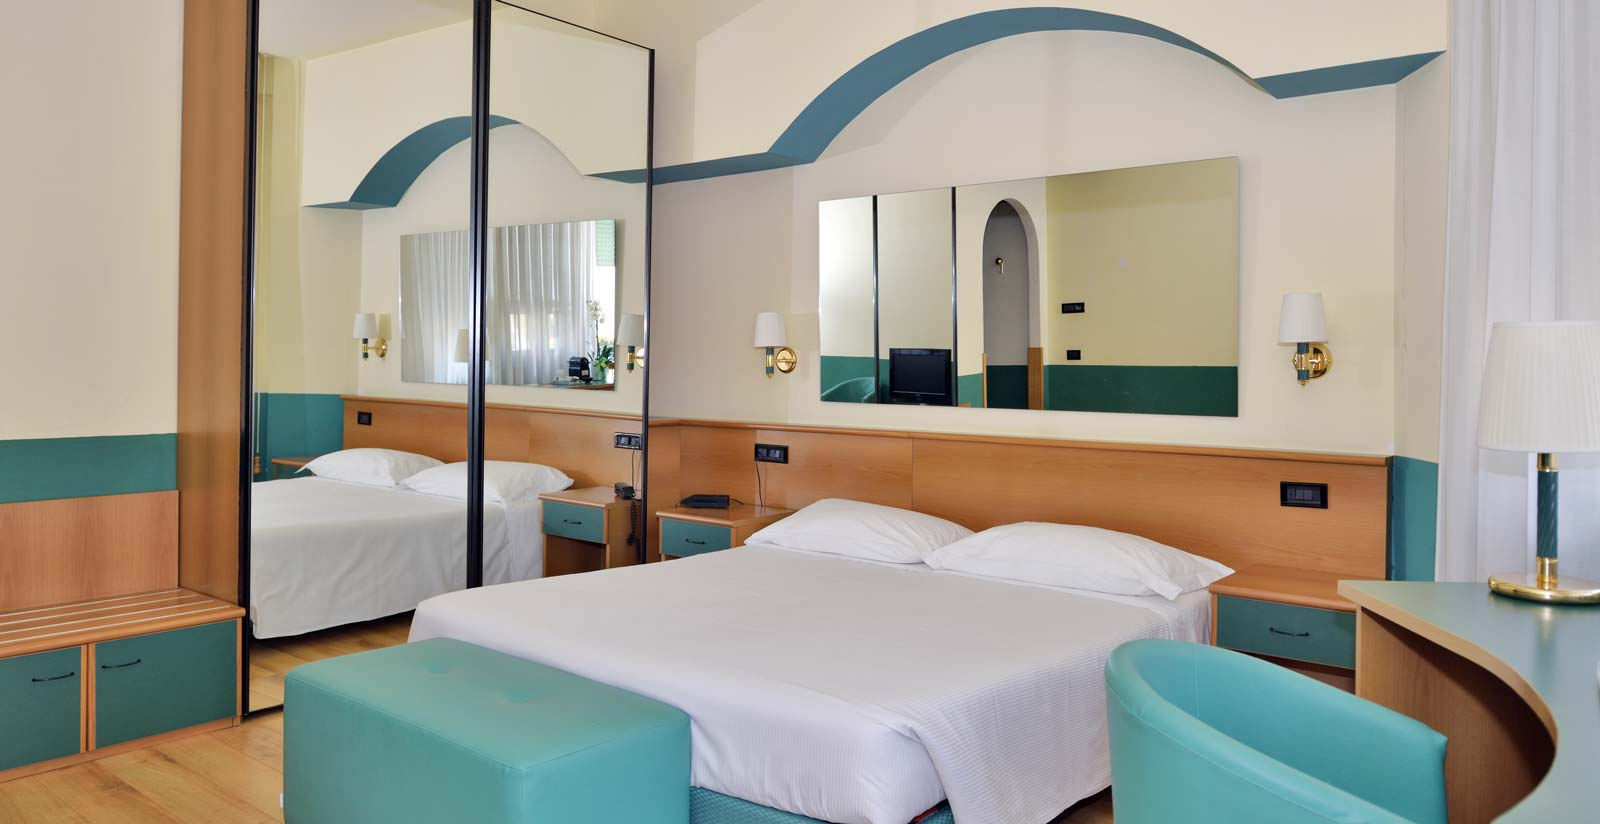 Letto Matrimoniale Offerte Treviso.Prenota Ora La Superior E Parti Per Treviso Con Hotel Carlton